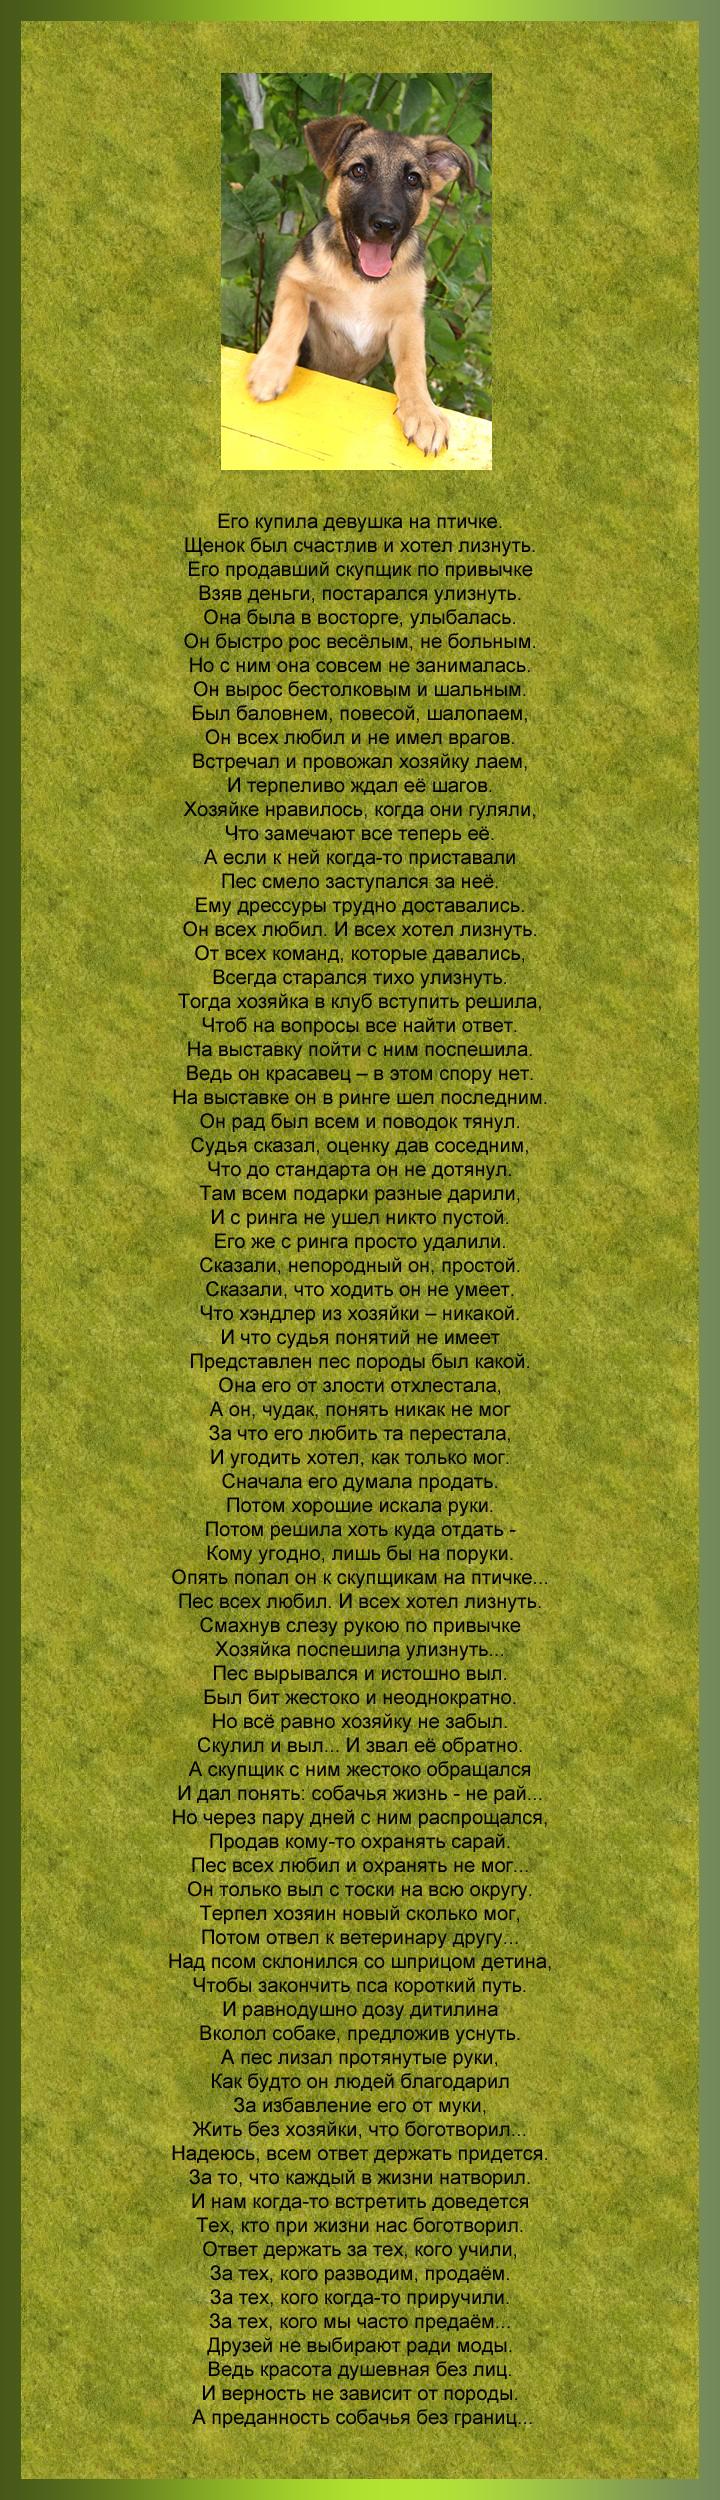 Стихи о предательстве людей по отношению к собаке